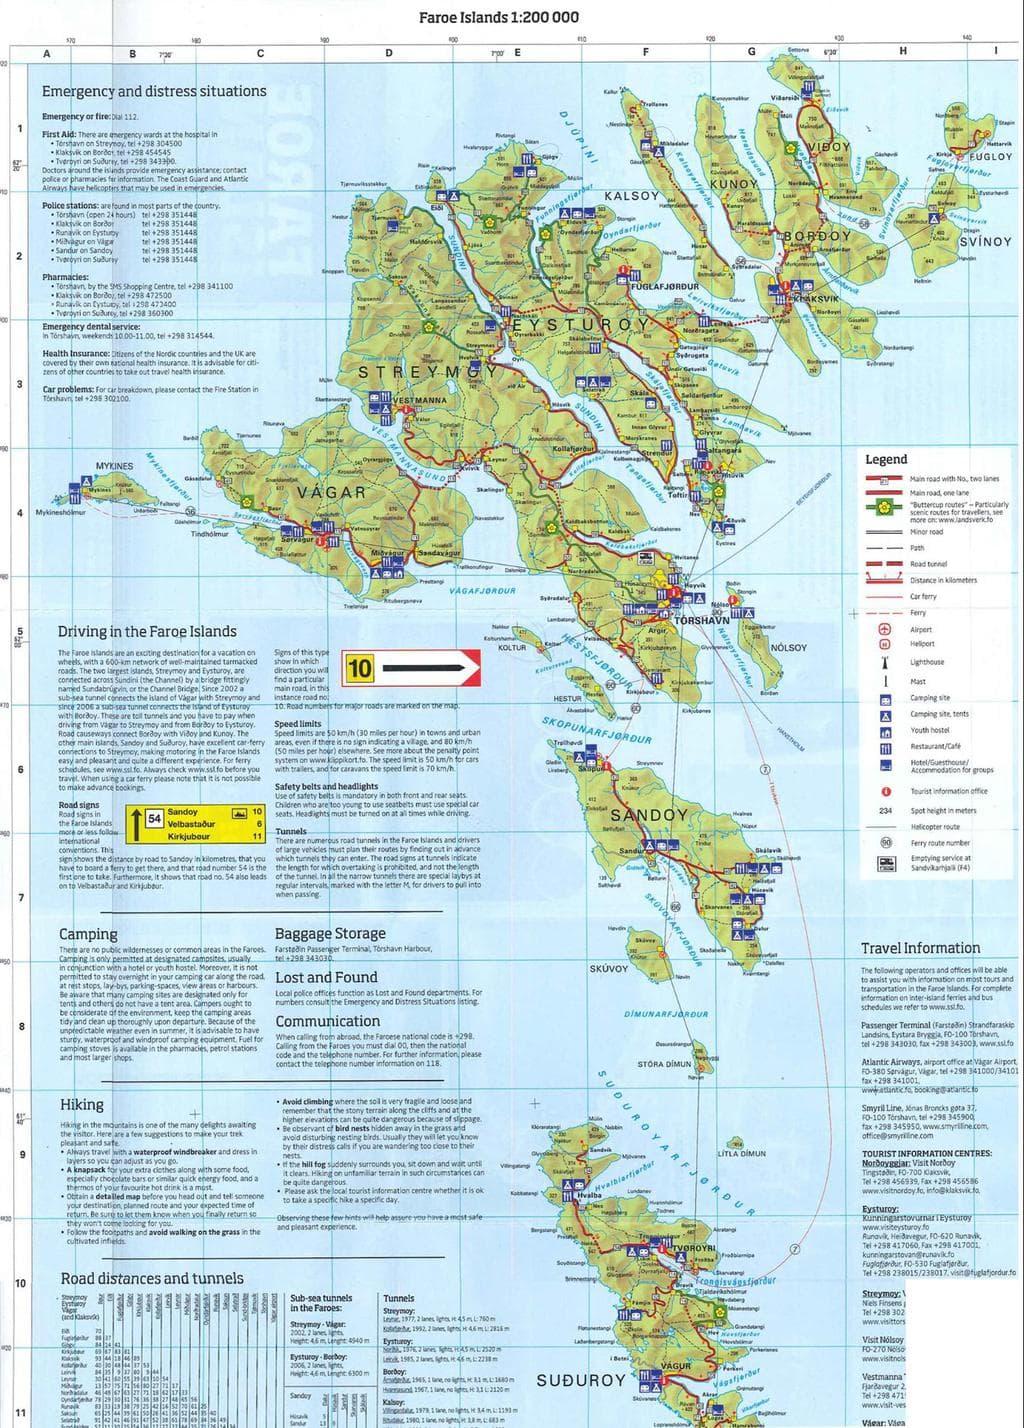 Faroe Islands road trip map